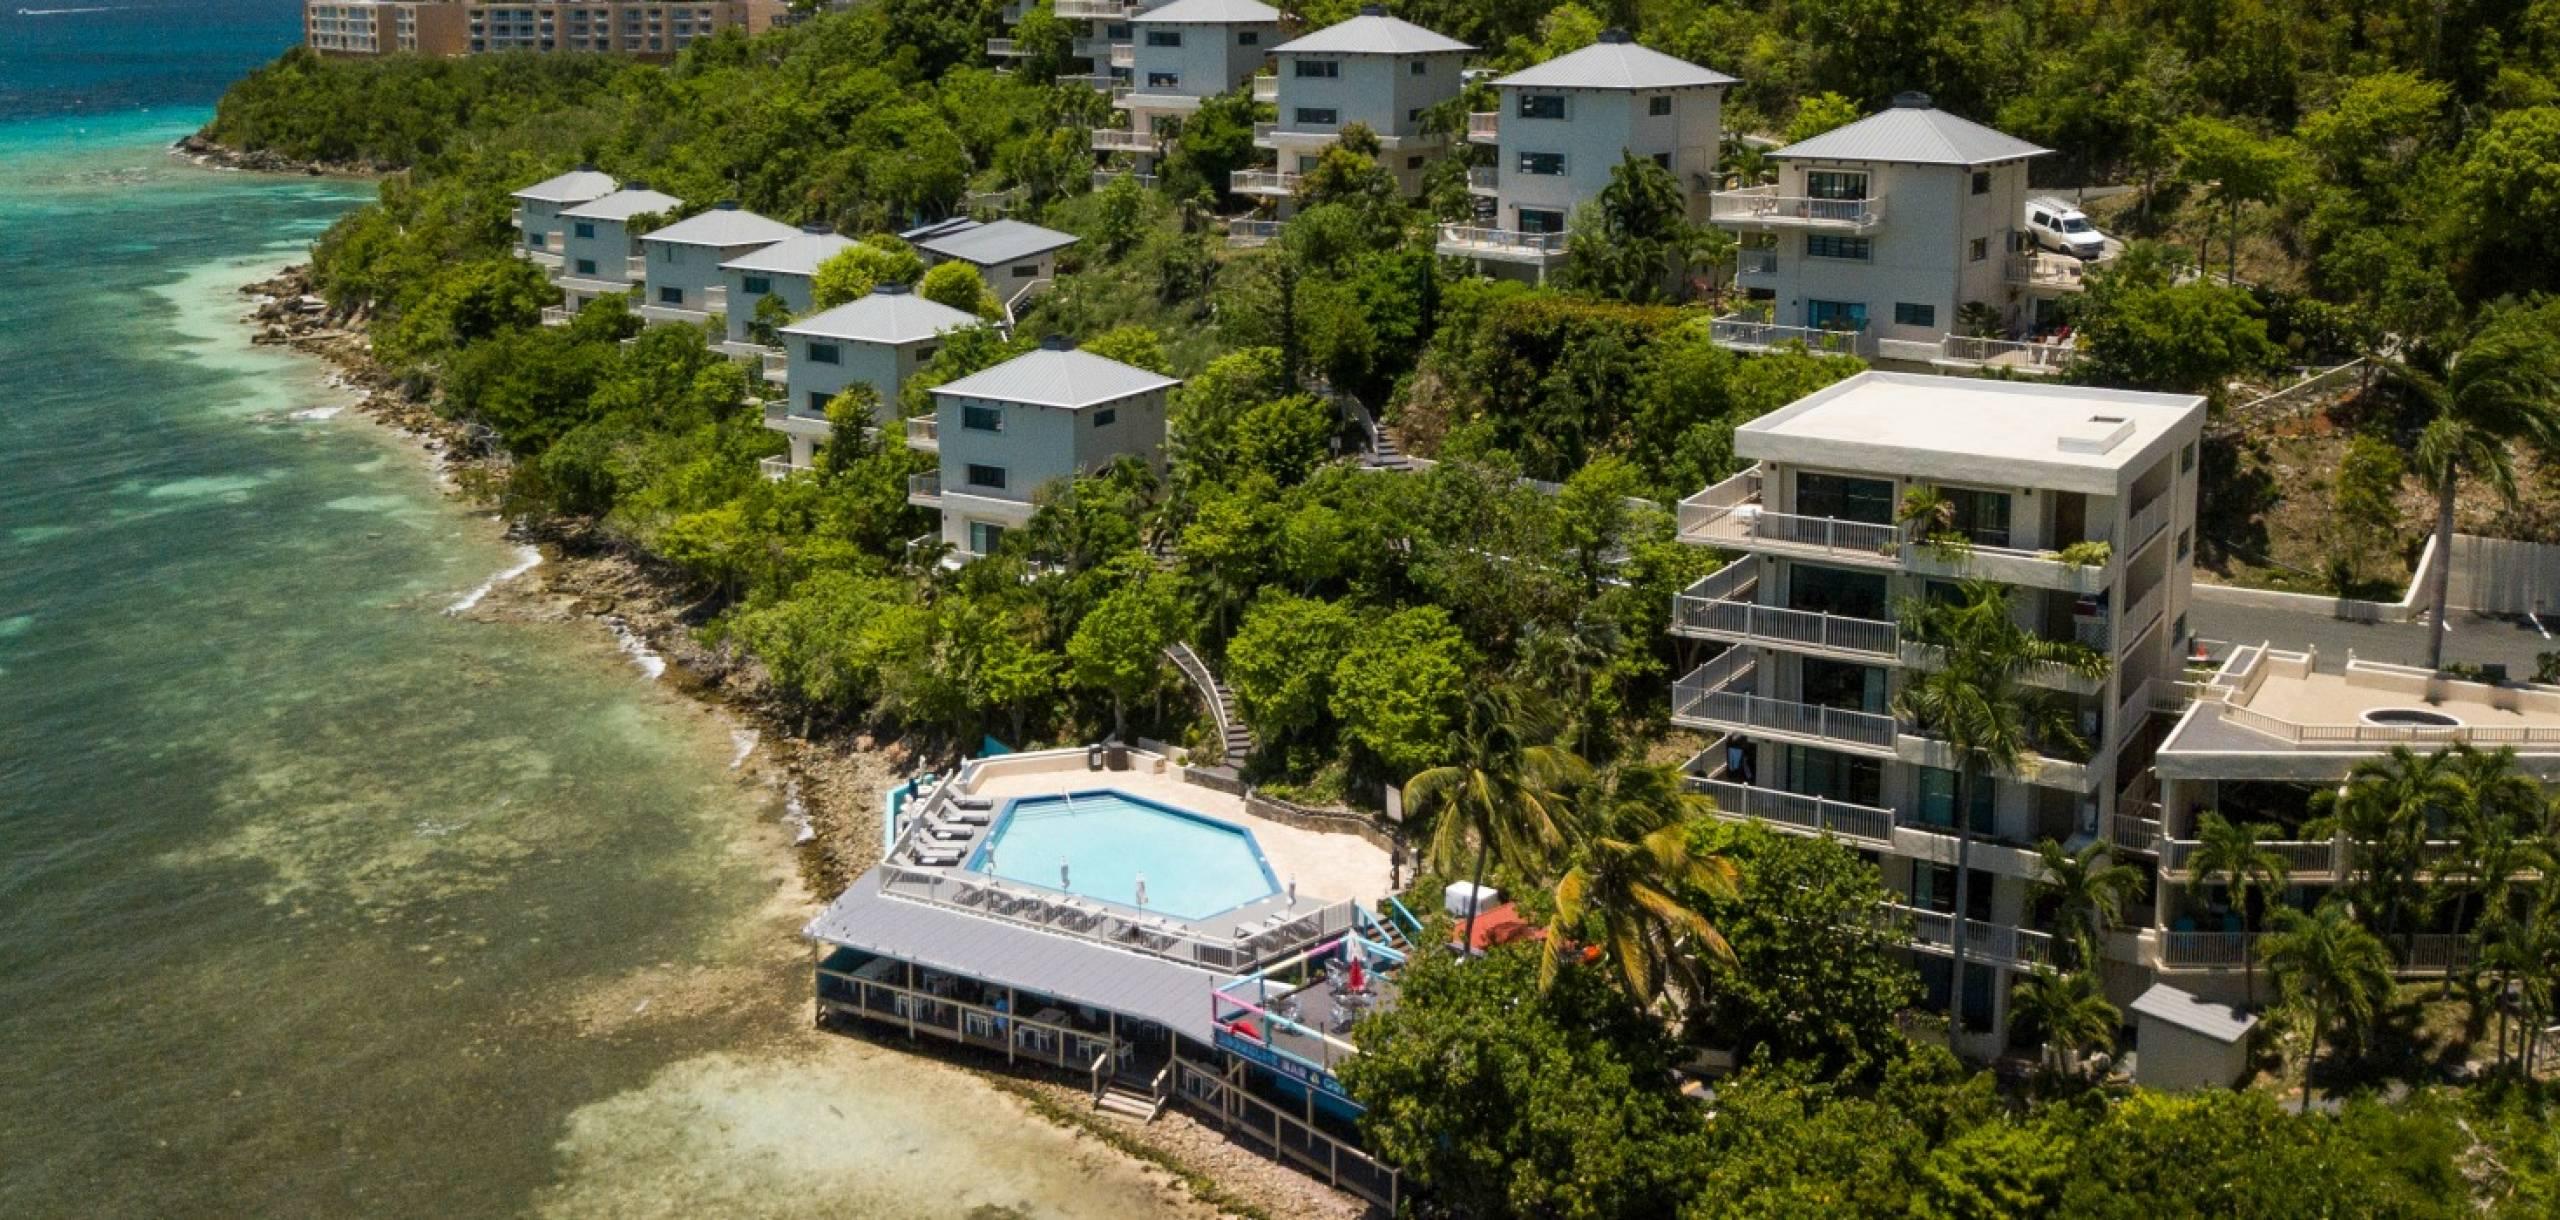 View of resort's shoreline